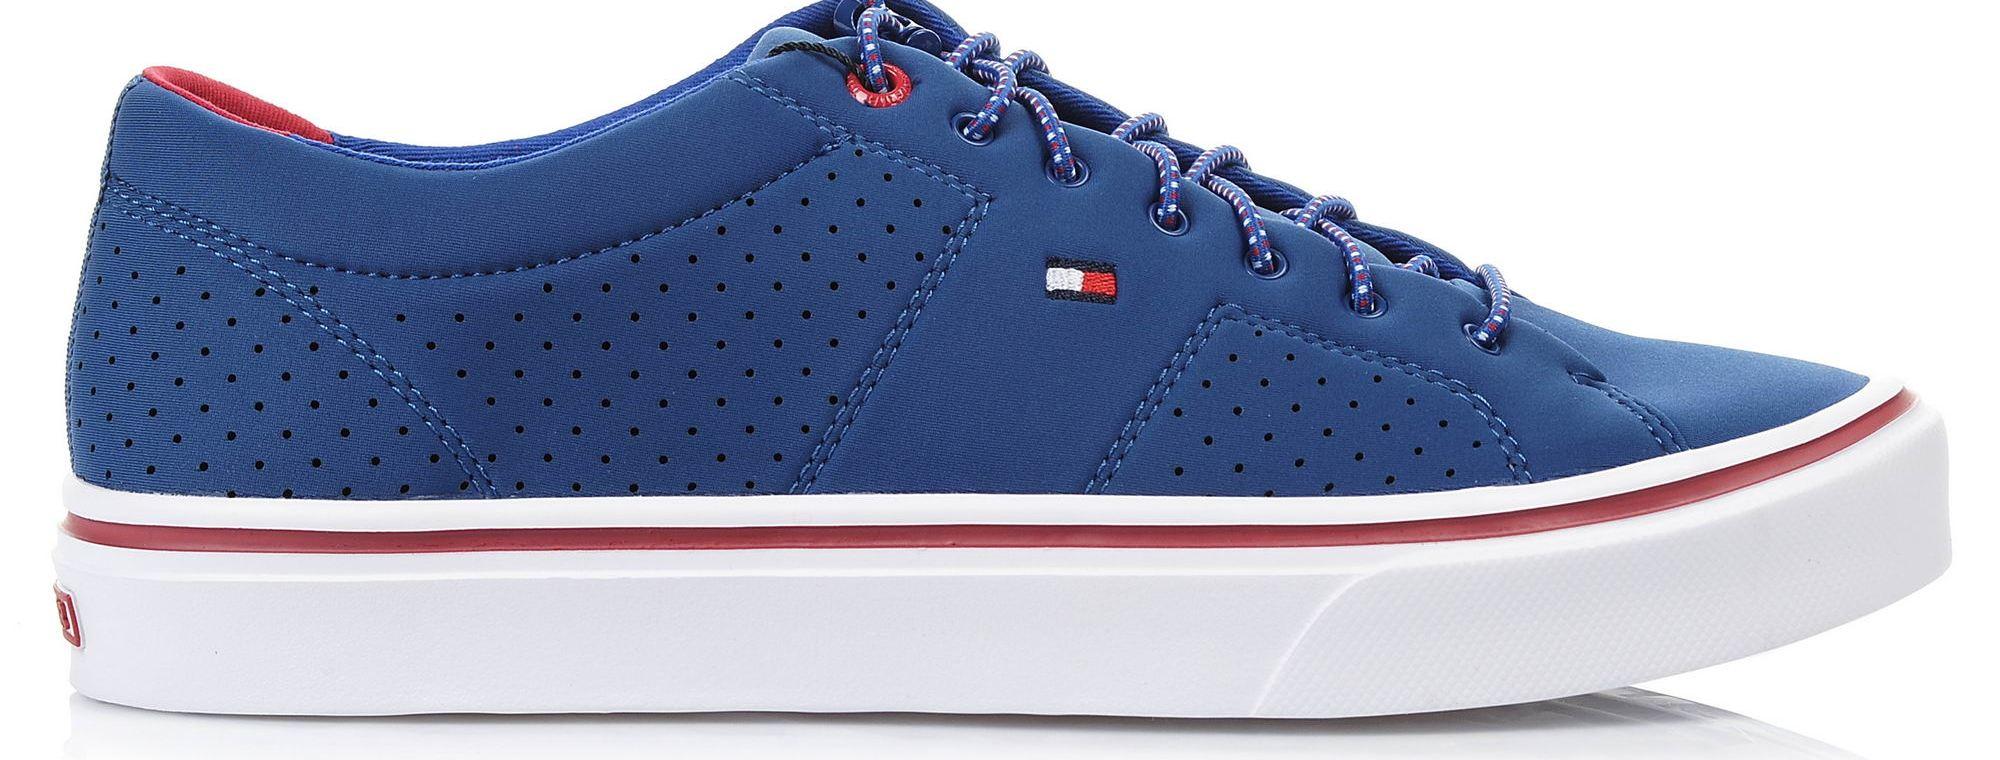 Sneakers Tommy Hilfiger Lightweight Neoprene Sneaker FM0FM01351